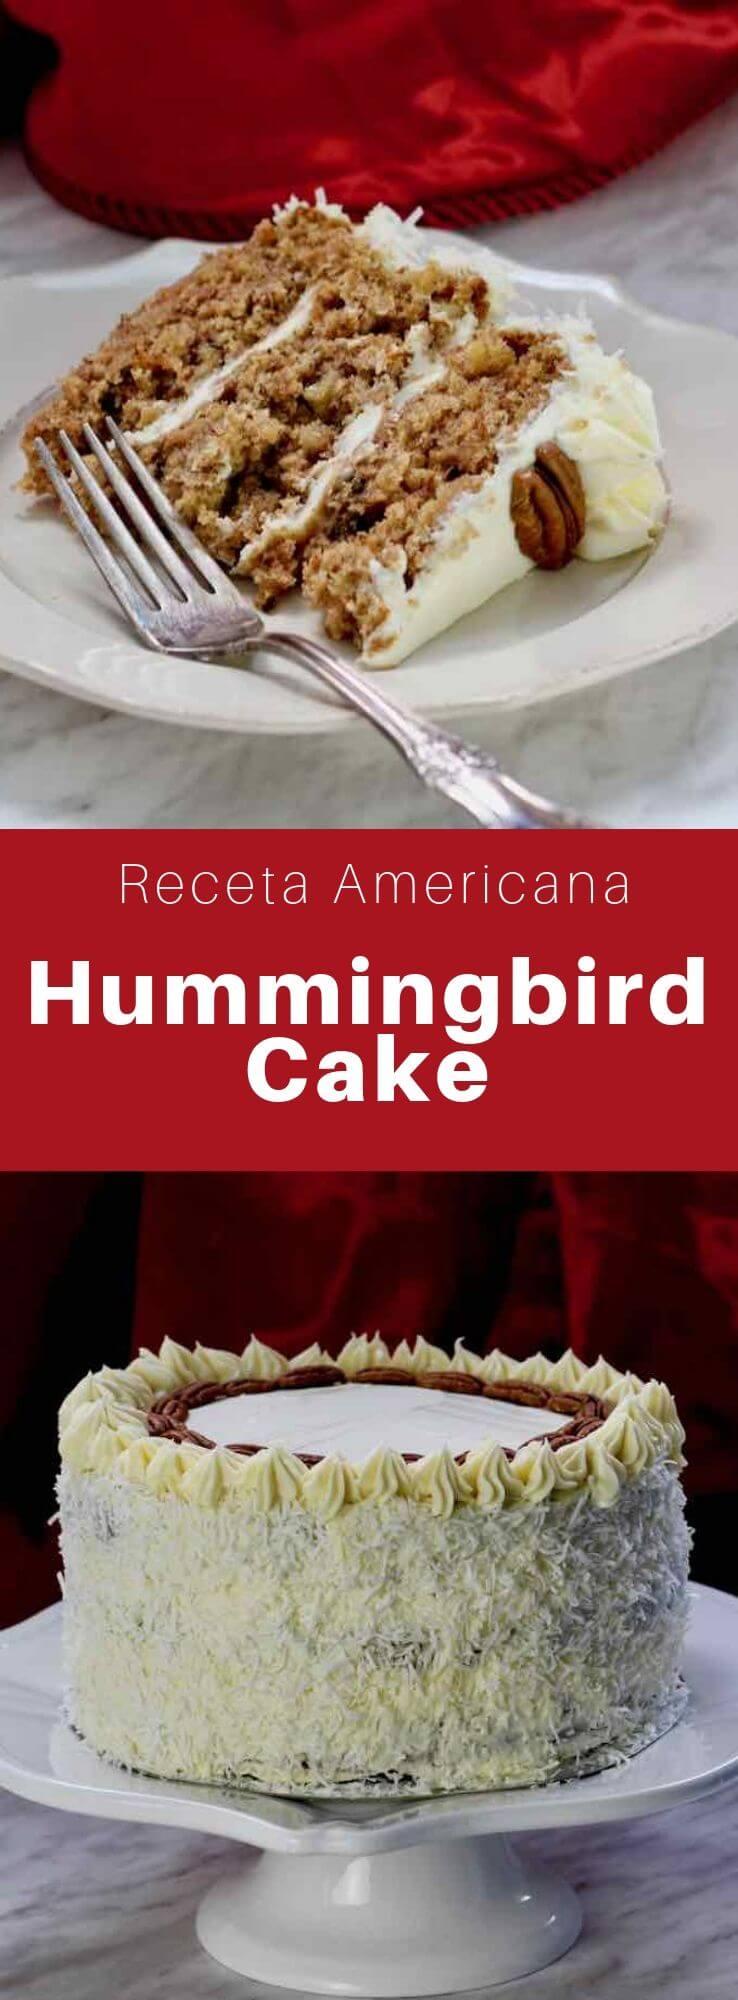 El hummingbird cake es un pastel del sur de los Estados Unidos, de origen jamaicano, elaborado con plátano, limón, piña, coco, vainilla, nuez y queso crema.